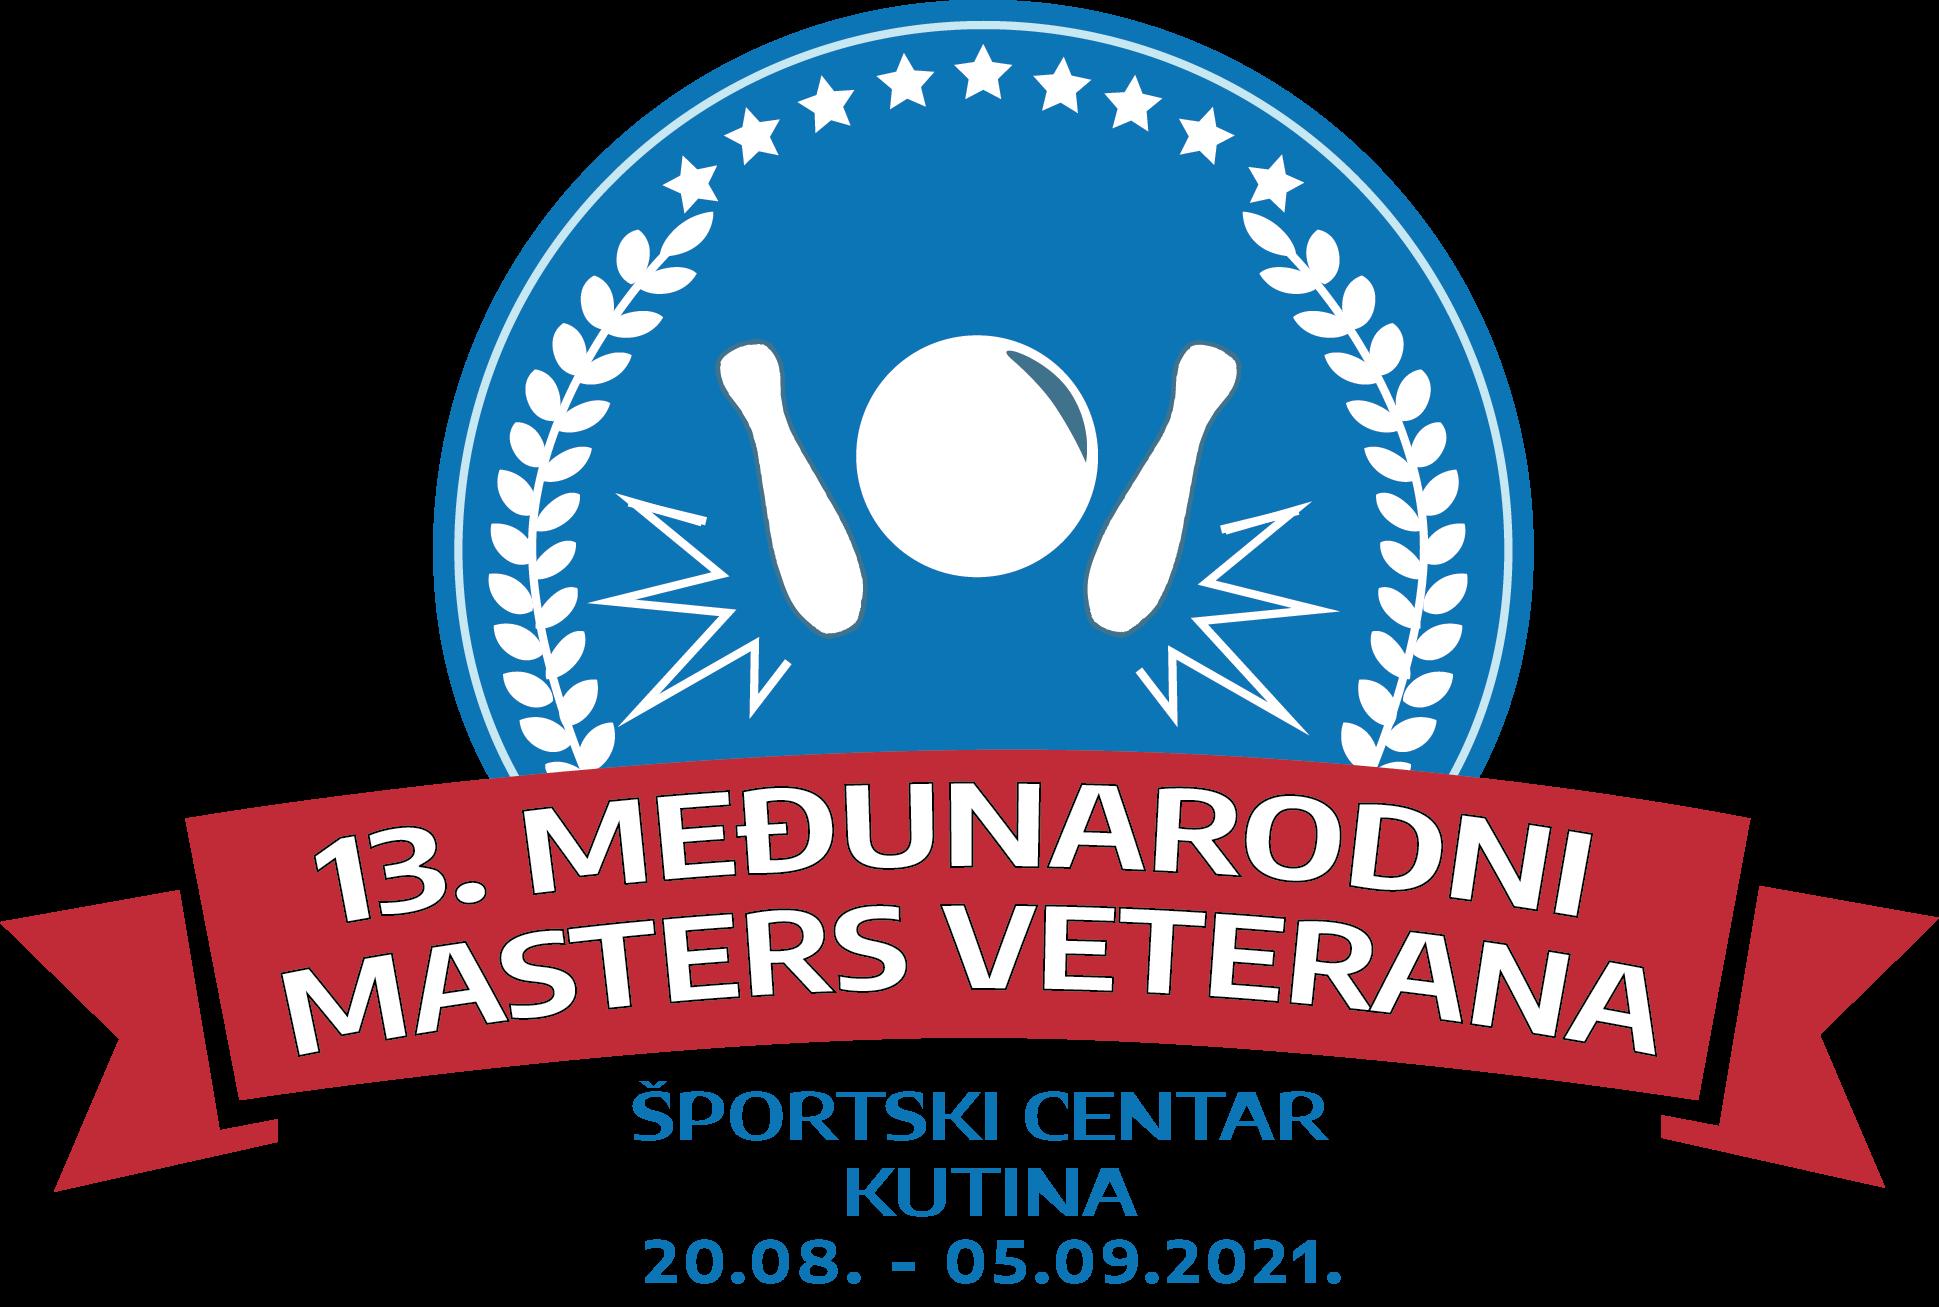 Međunarodni masters veterana